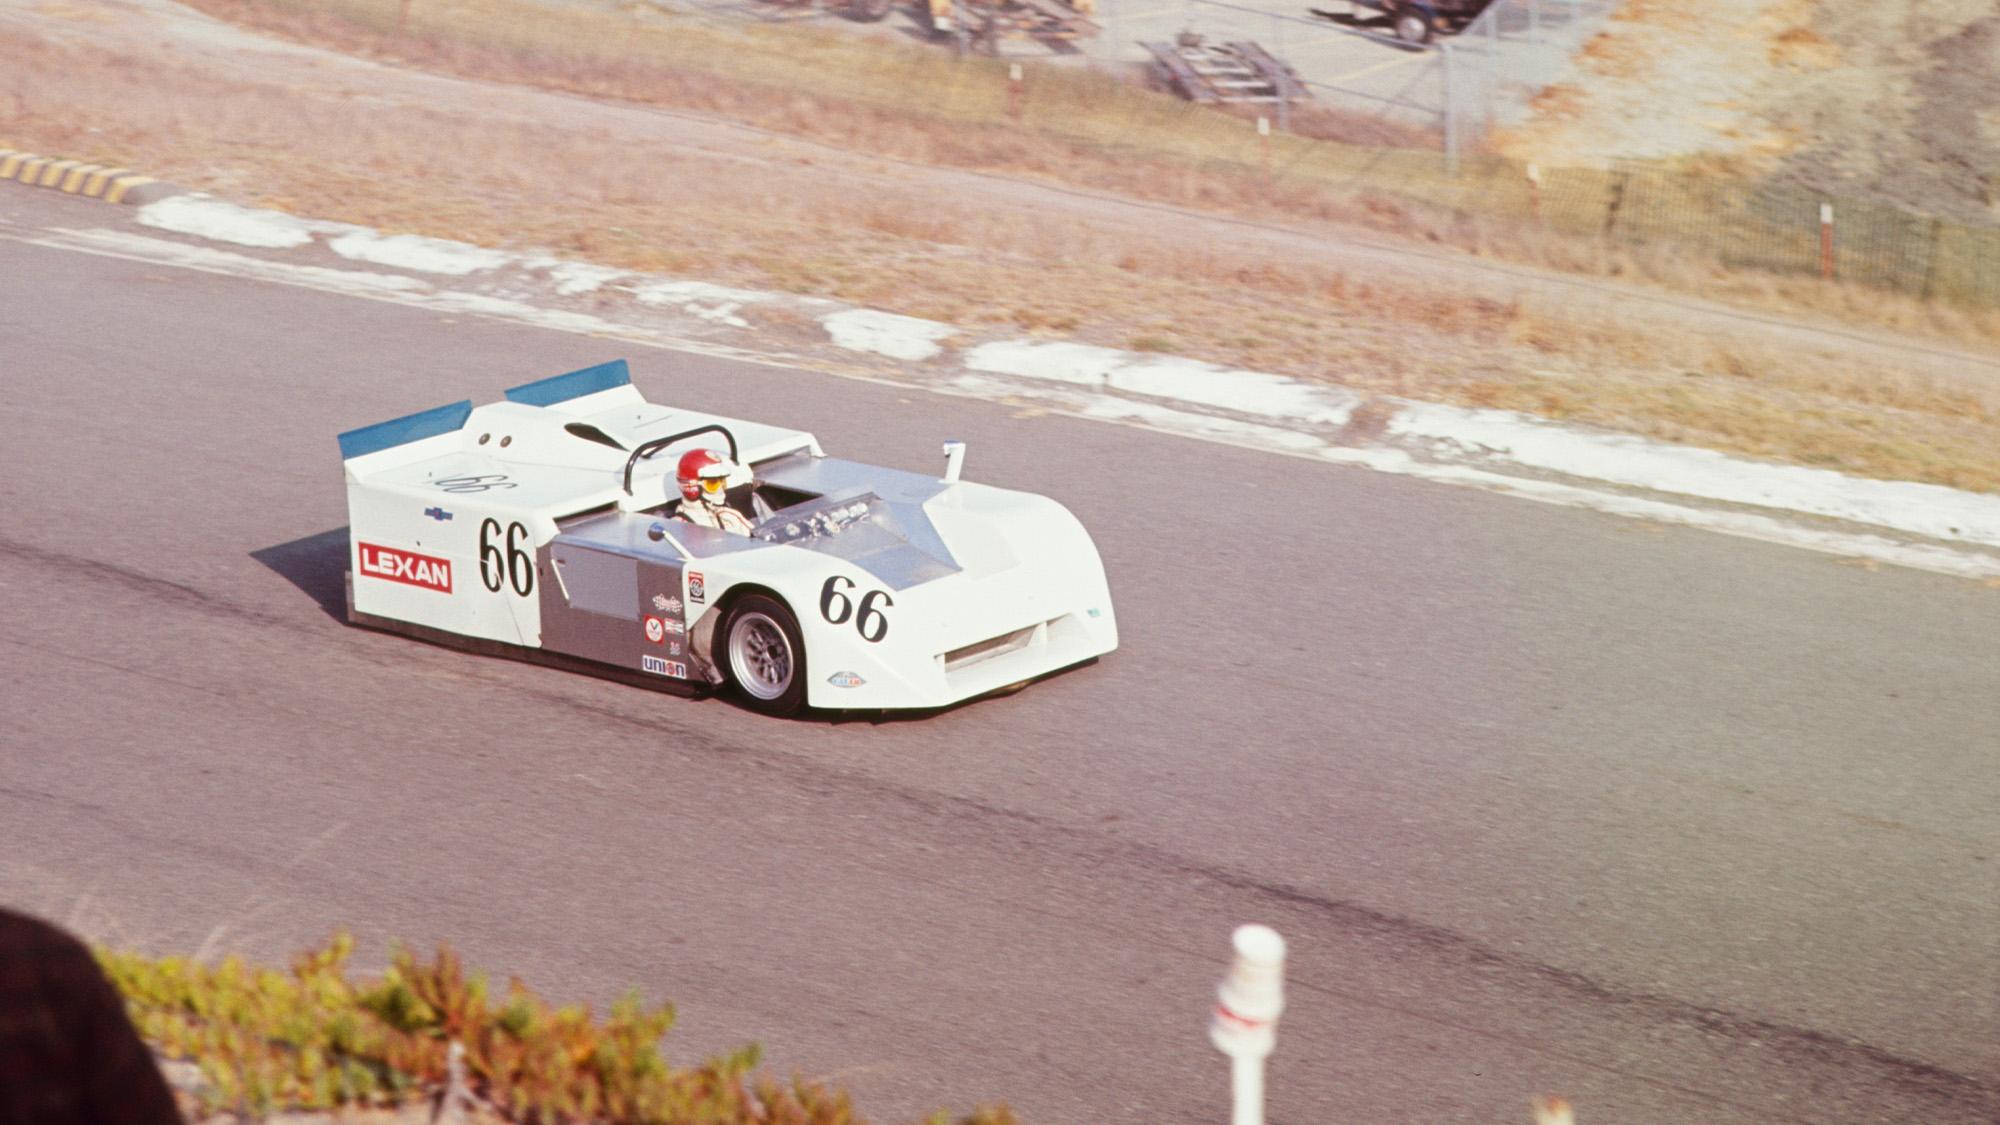 Vic Elford driving the Chaparral 2J at Riverside Laguna Seca in 1970